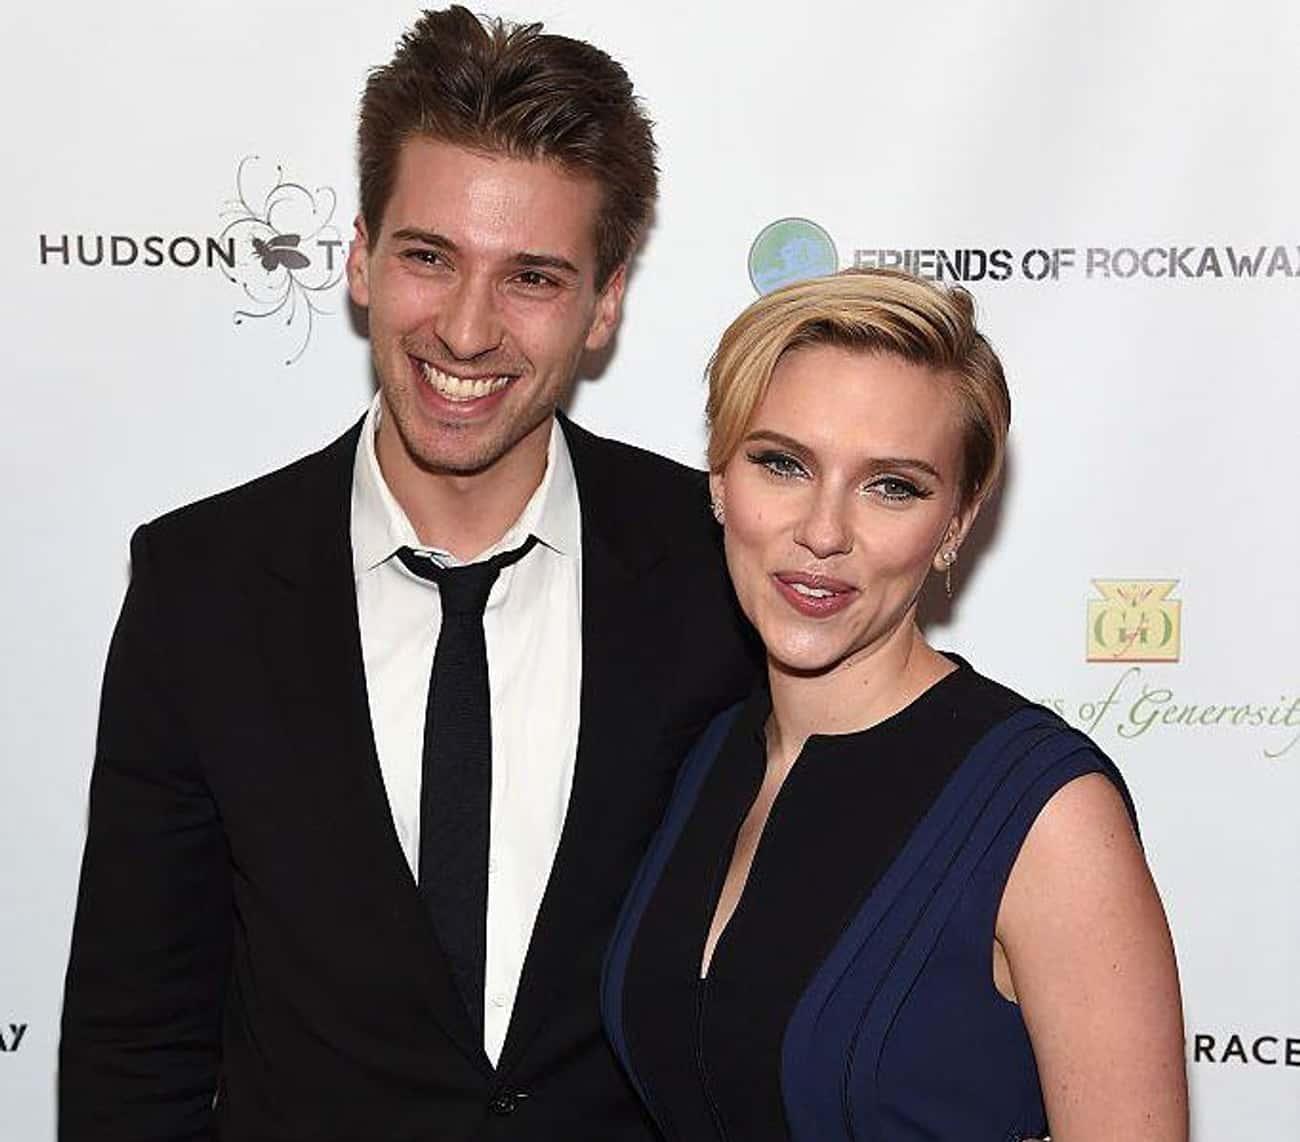 Scarlett Johansson and Hunter Johansson